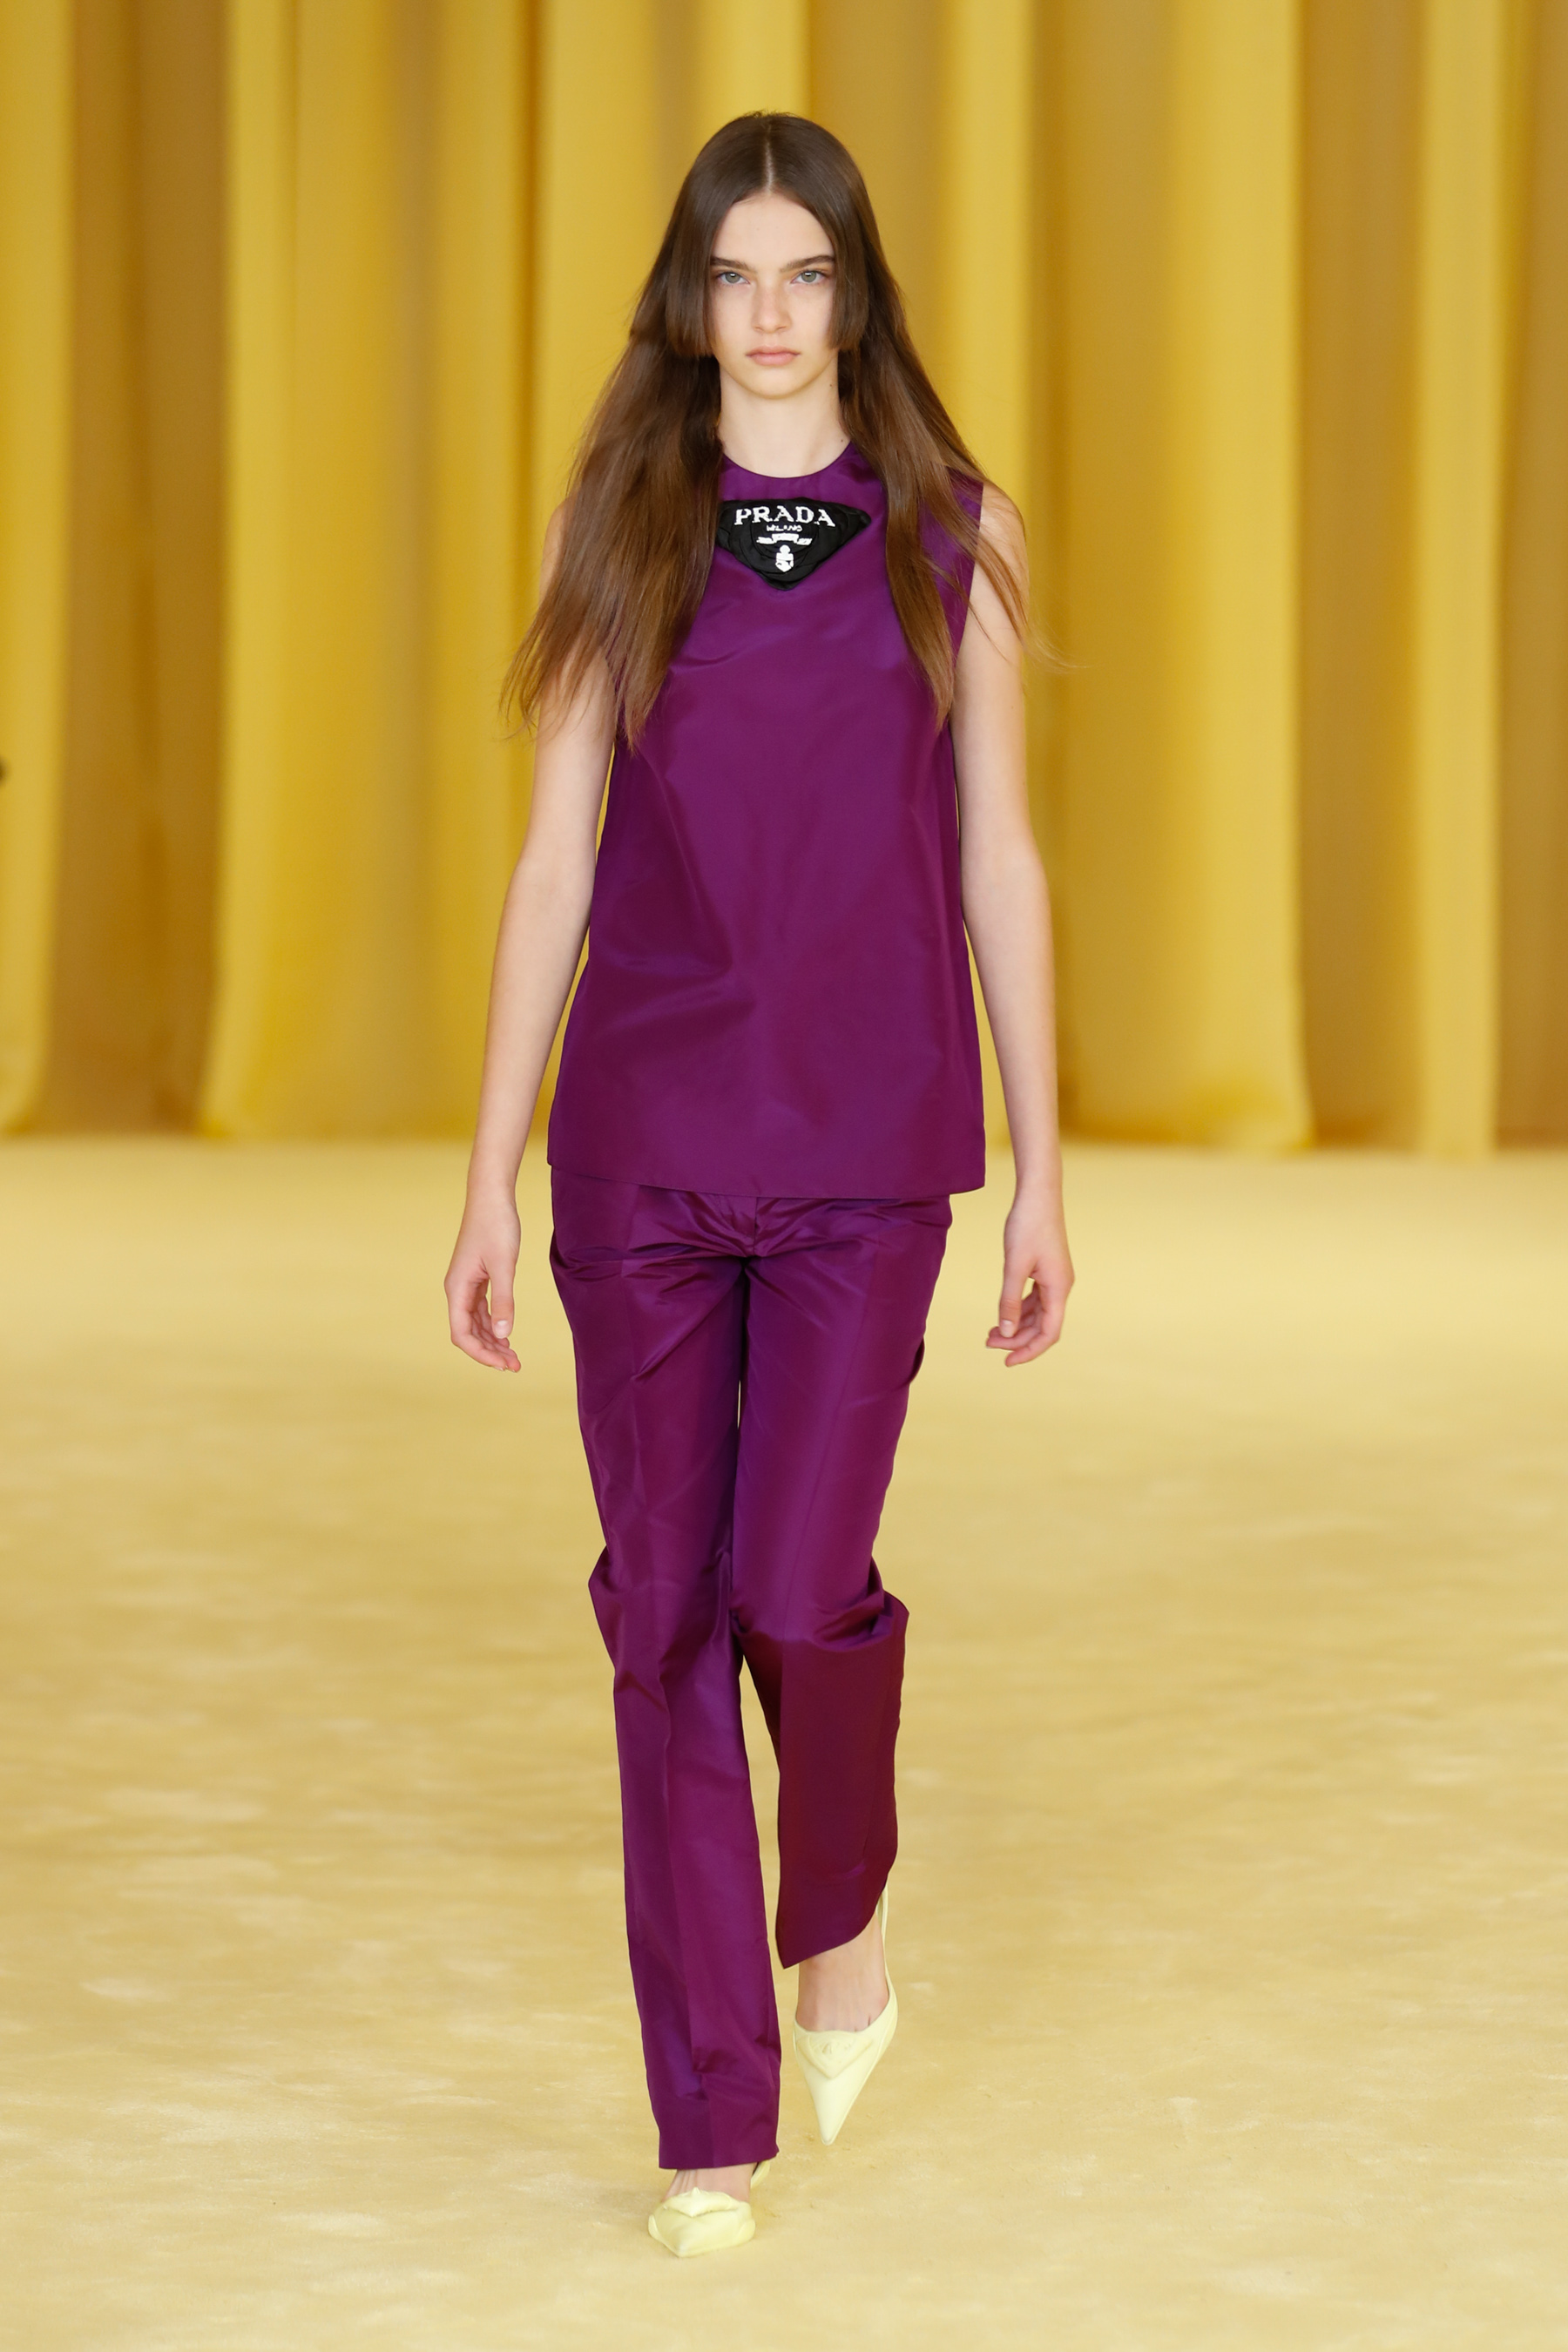 Prada Spring 2021 Fashion Show